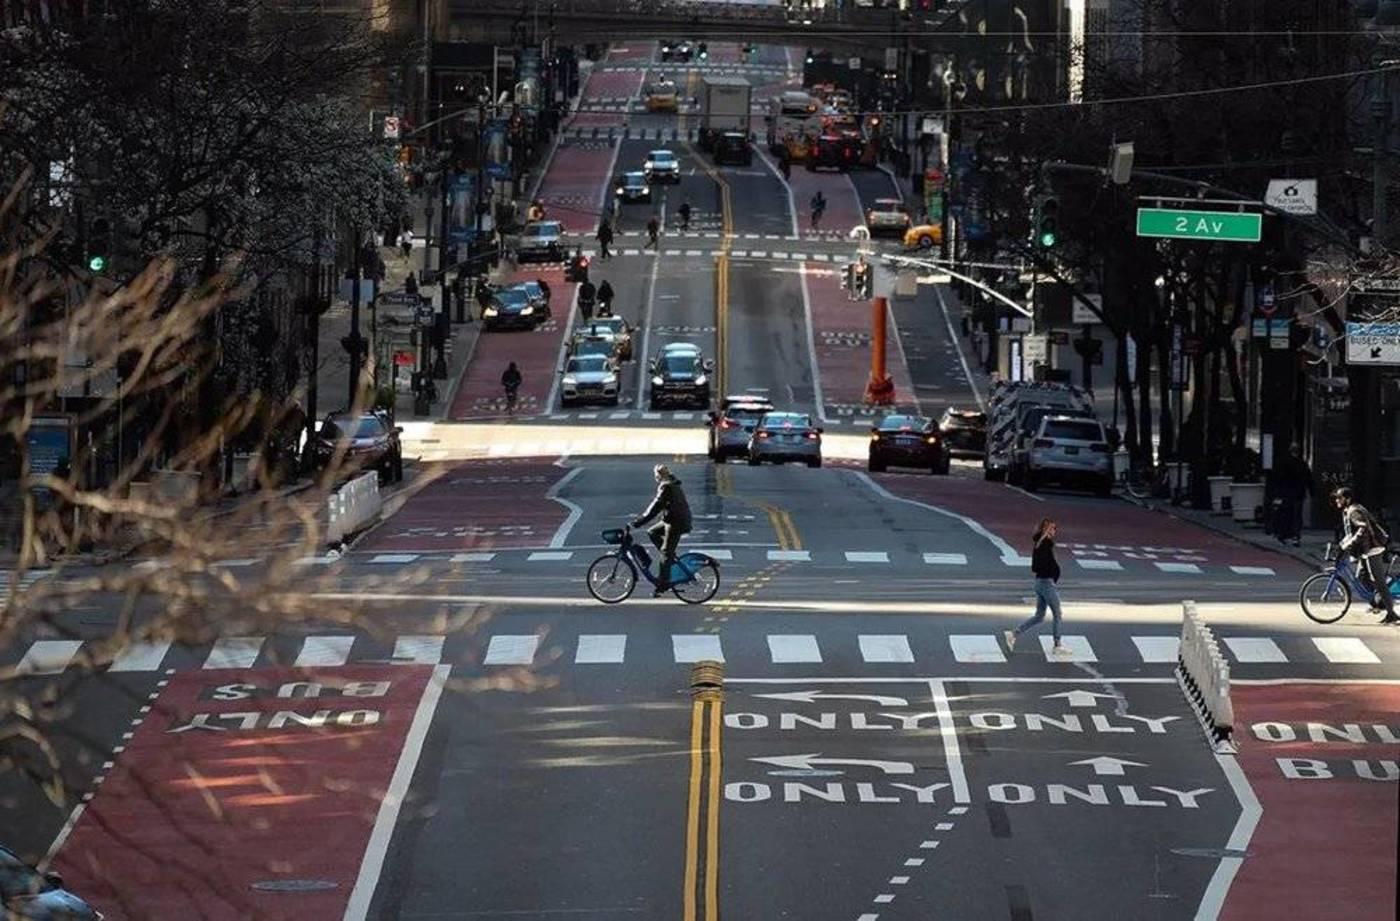 3月21日,美国纽约,以往繁忙的街道上车辆寥寥 图丨新华社